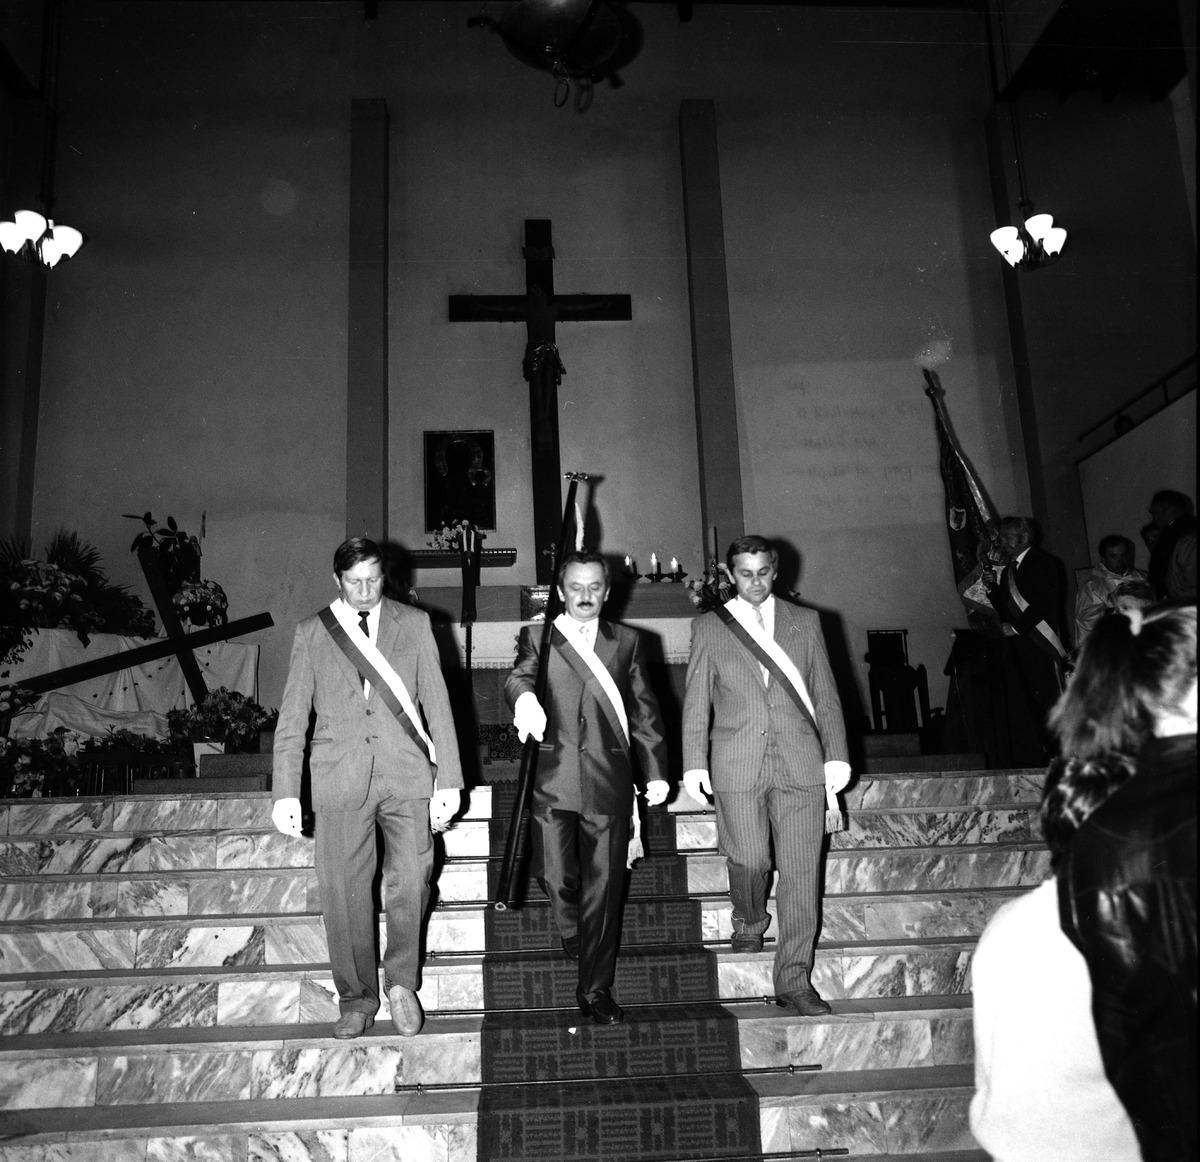 Poświęcenie sztandaru Cechu Rzemiosł Różnych, 1990 r. [6]